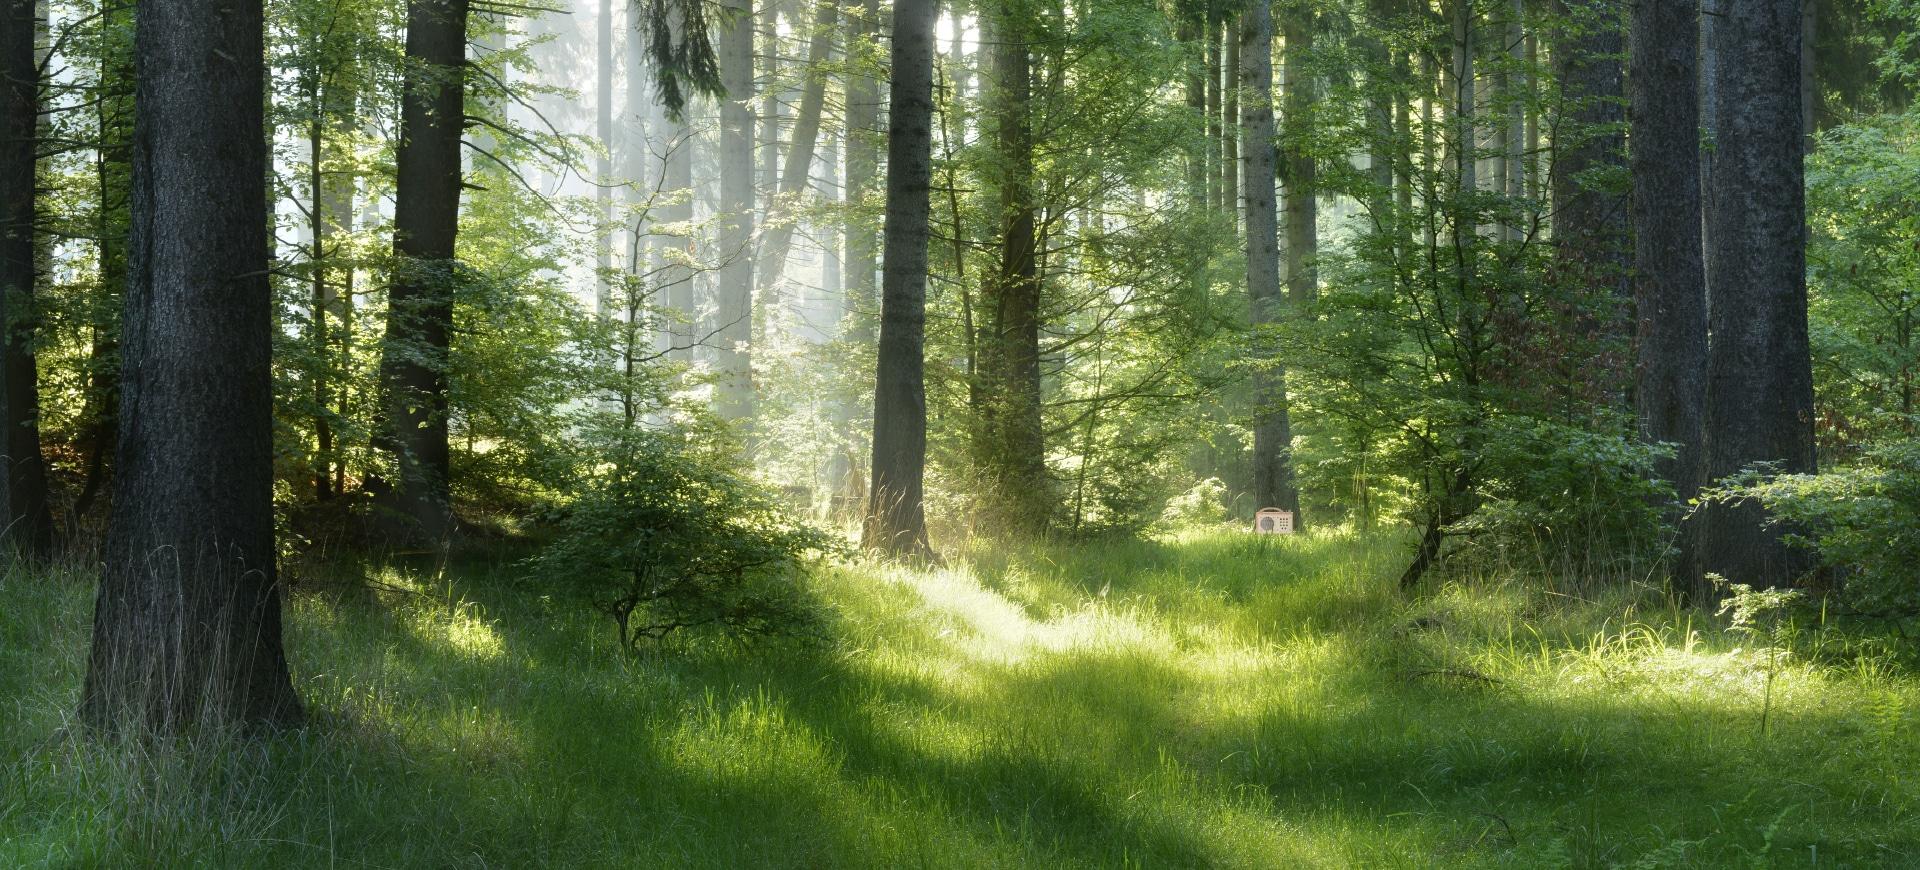 hörbert steht tief im Wald an einem Baum